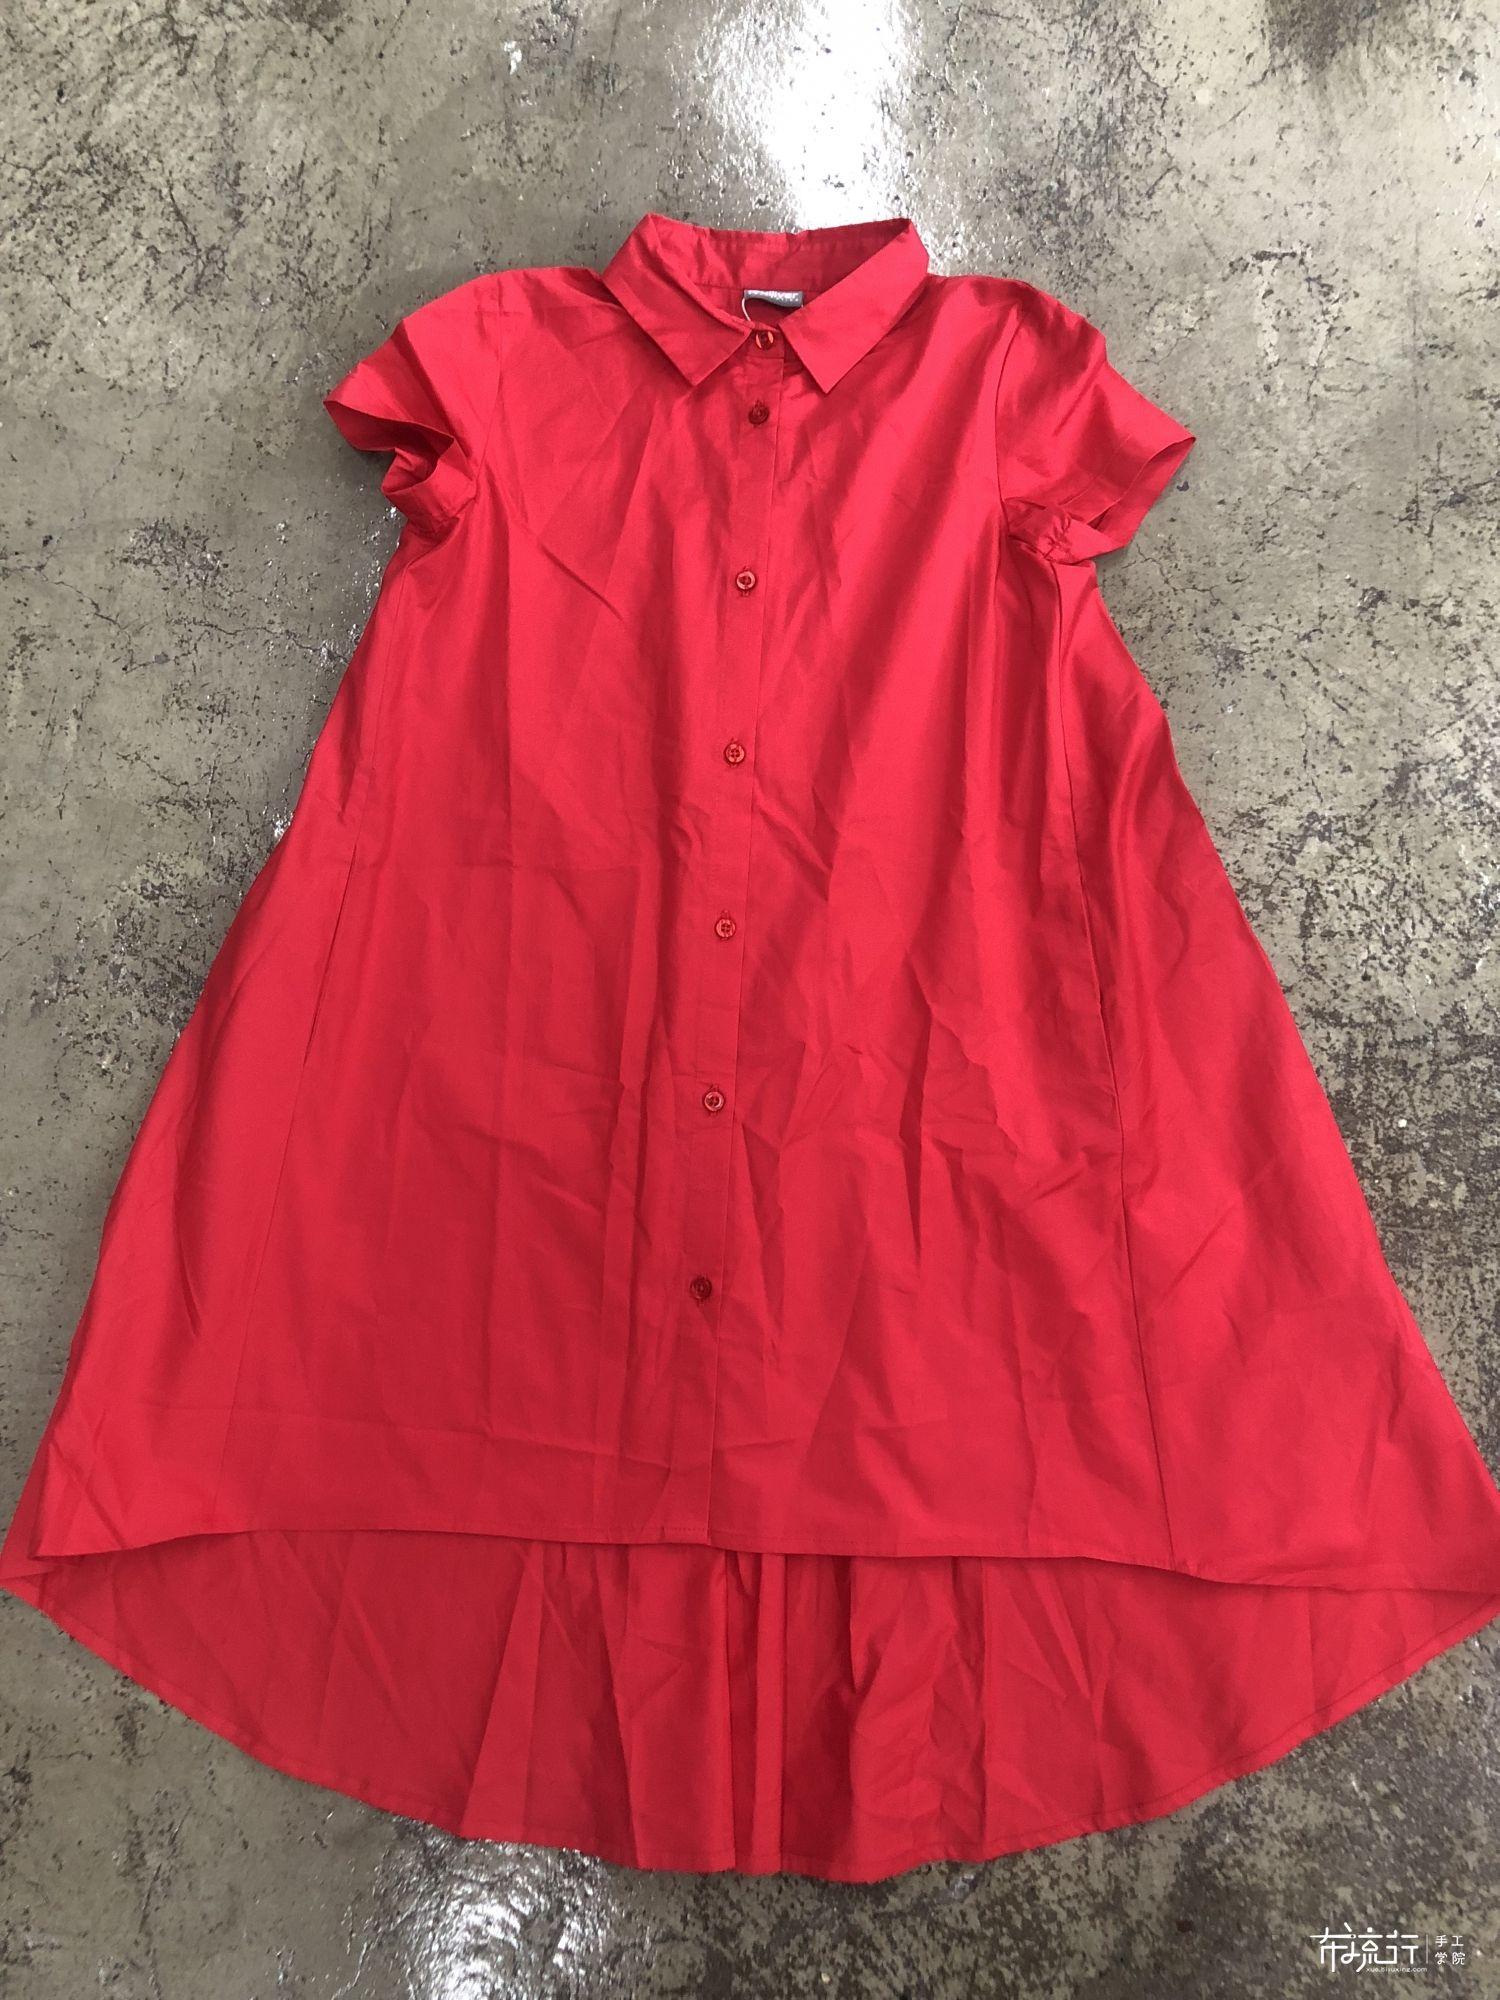 分享一个衬衫礼服裙裁剪图